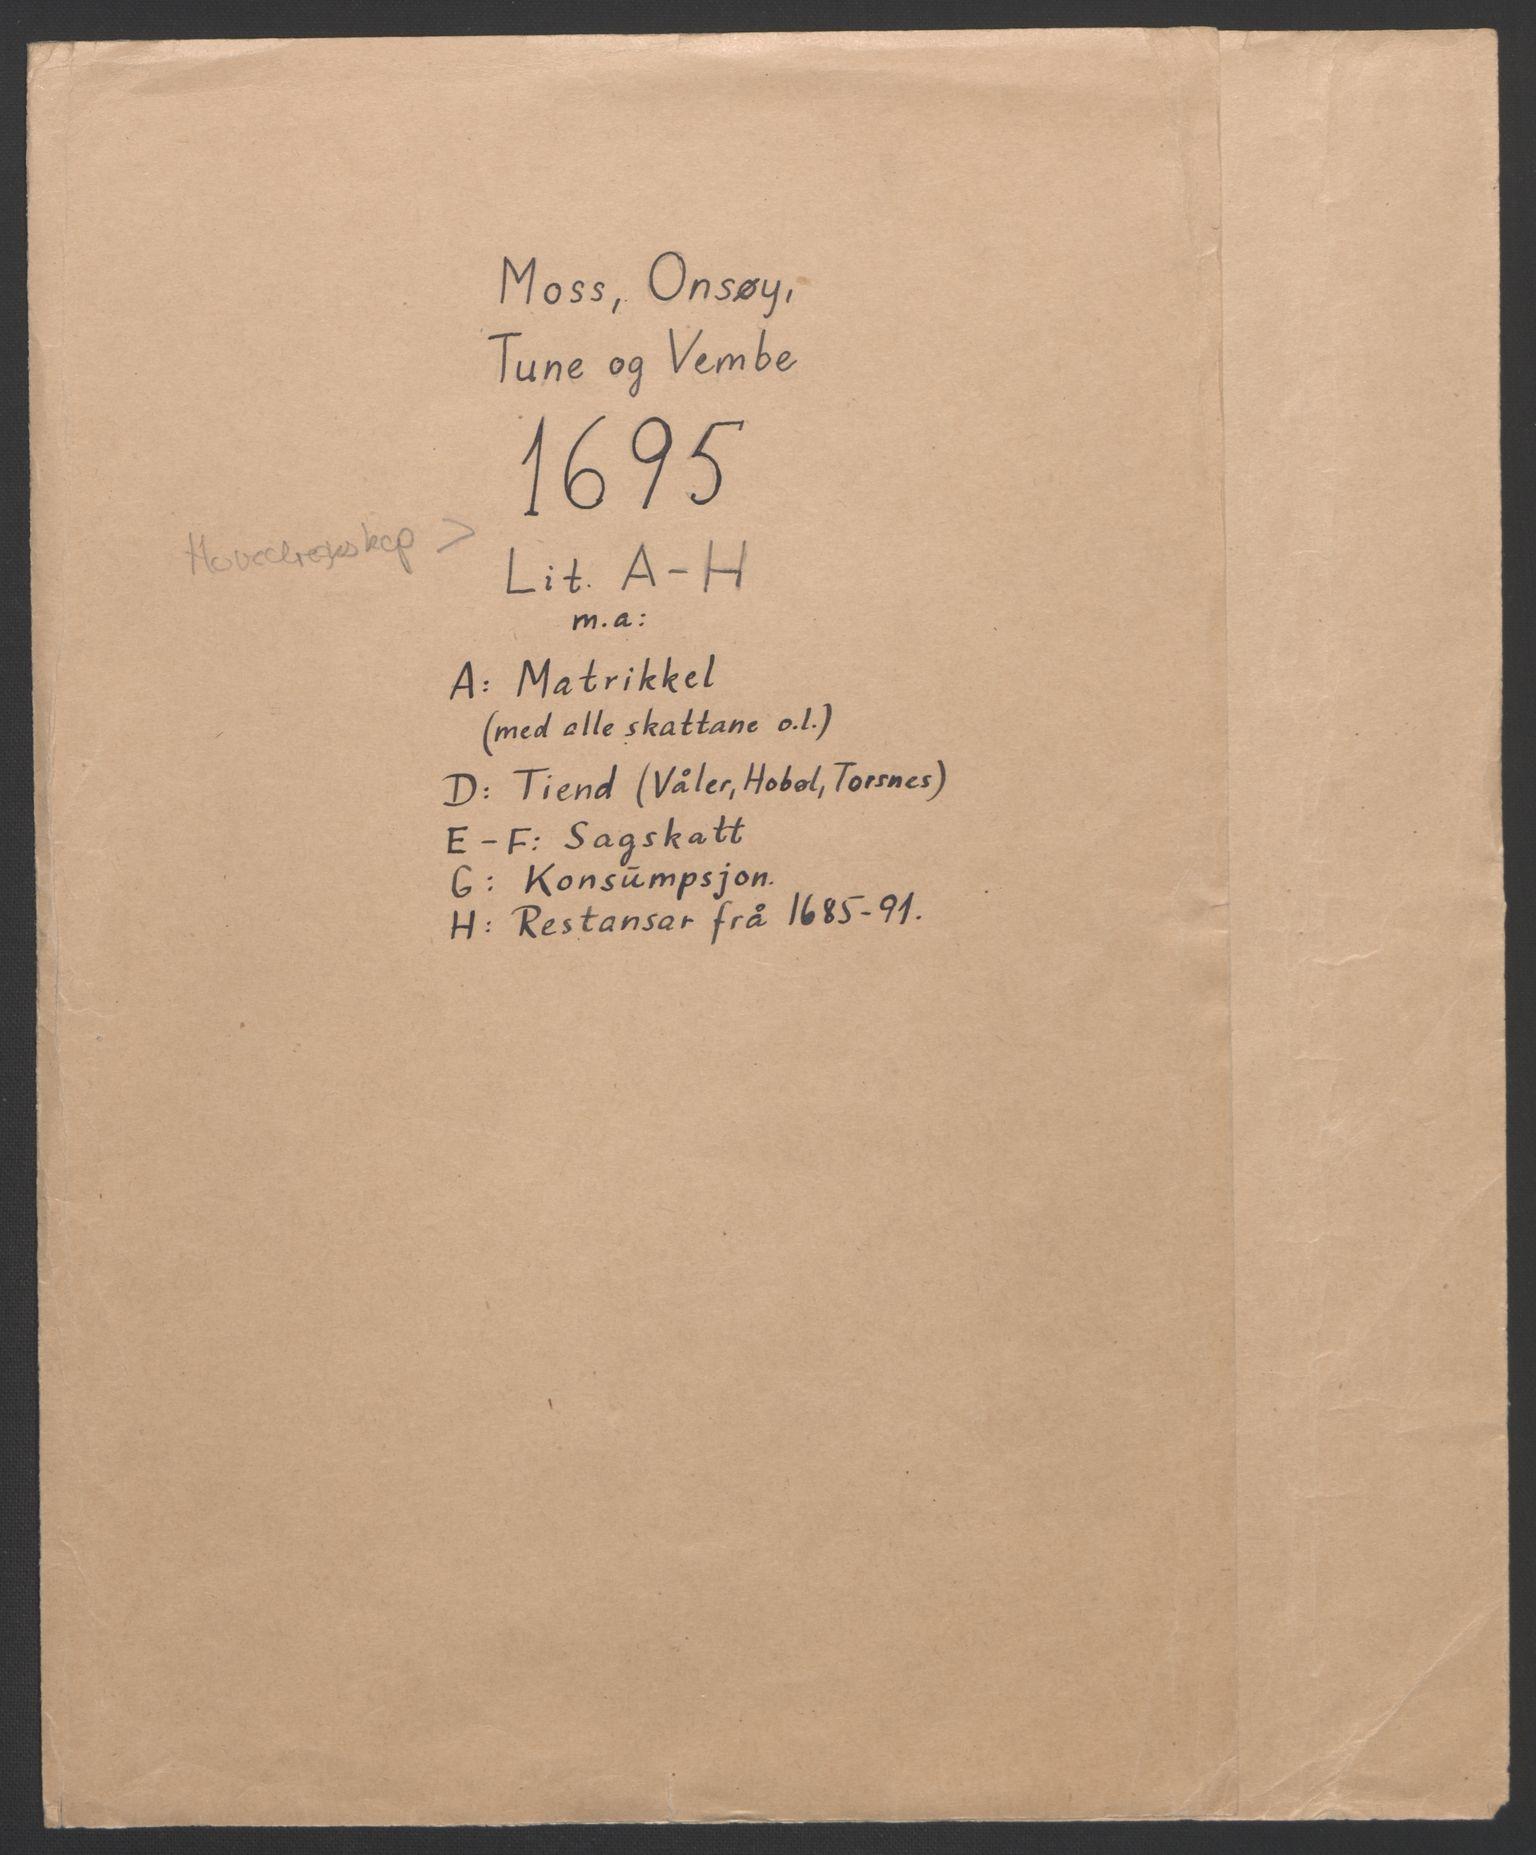 RA, Rentekammeret inntil 1814, Reviderte regnskaper, Fogderegnskap, R04/L0122: Fogderegnskap Moss, Onsøy, Tune, Veme og Åbygge, 1695, s. 3